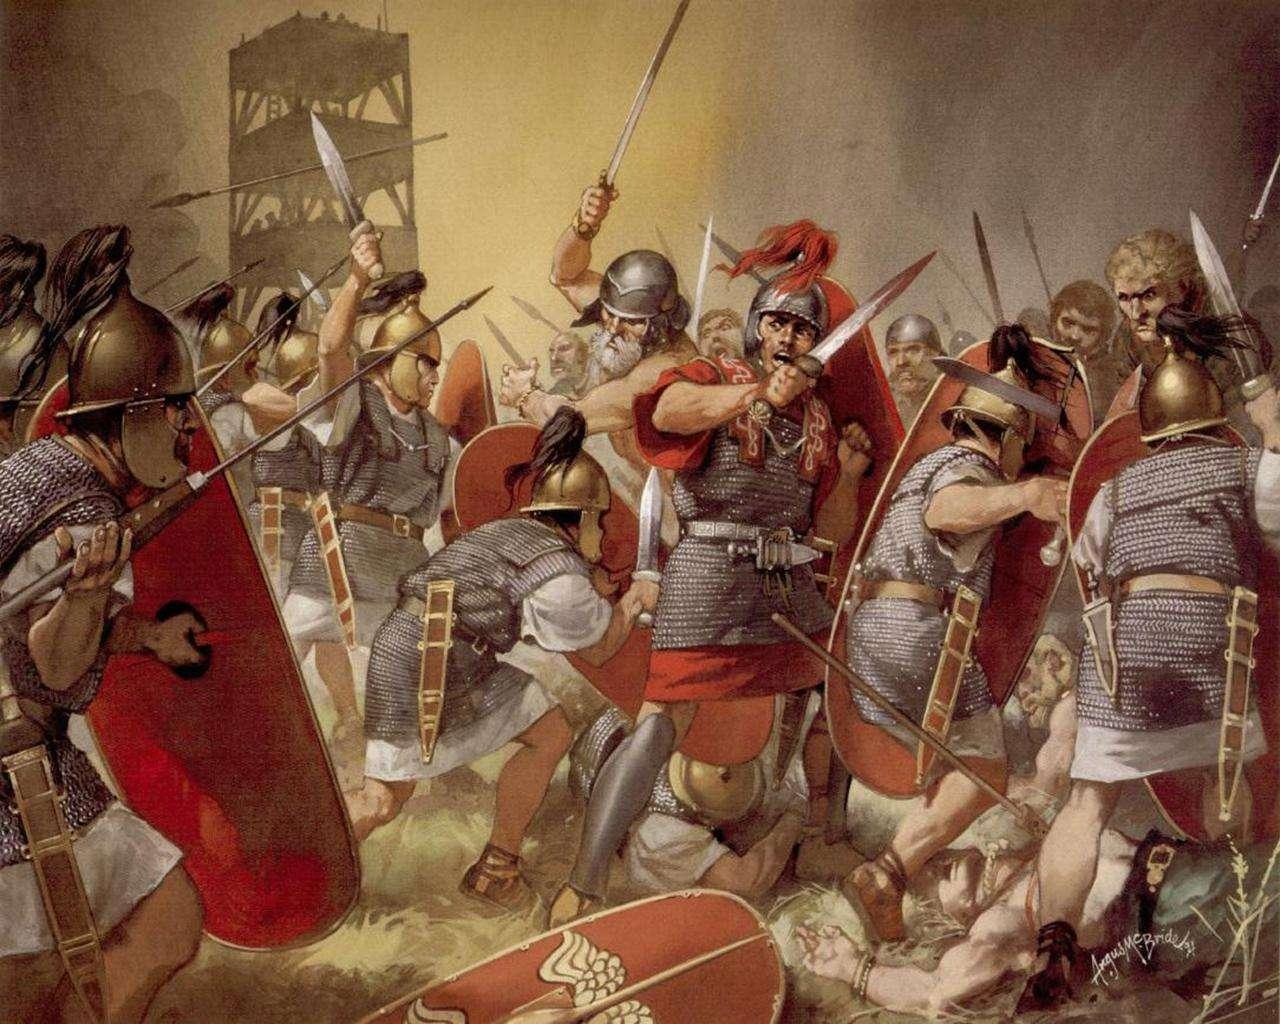 Λεγεωνάριοι της ρωμαικής αυτοκρατορίας σε μάχη (αναπαράσταση)